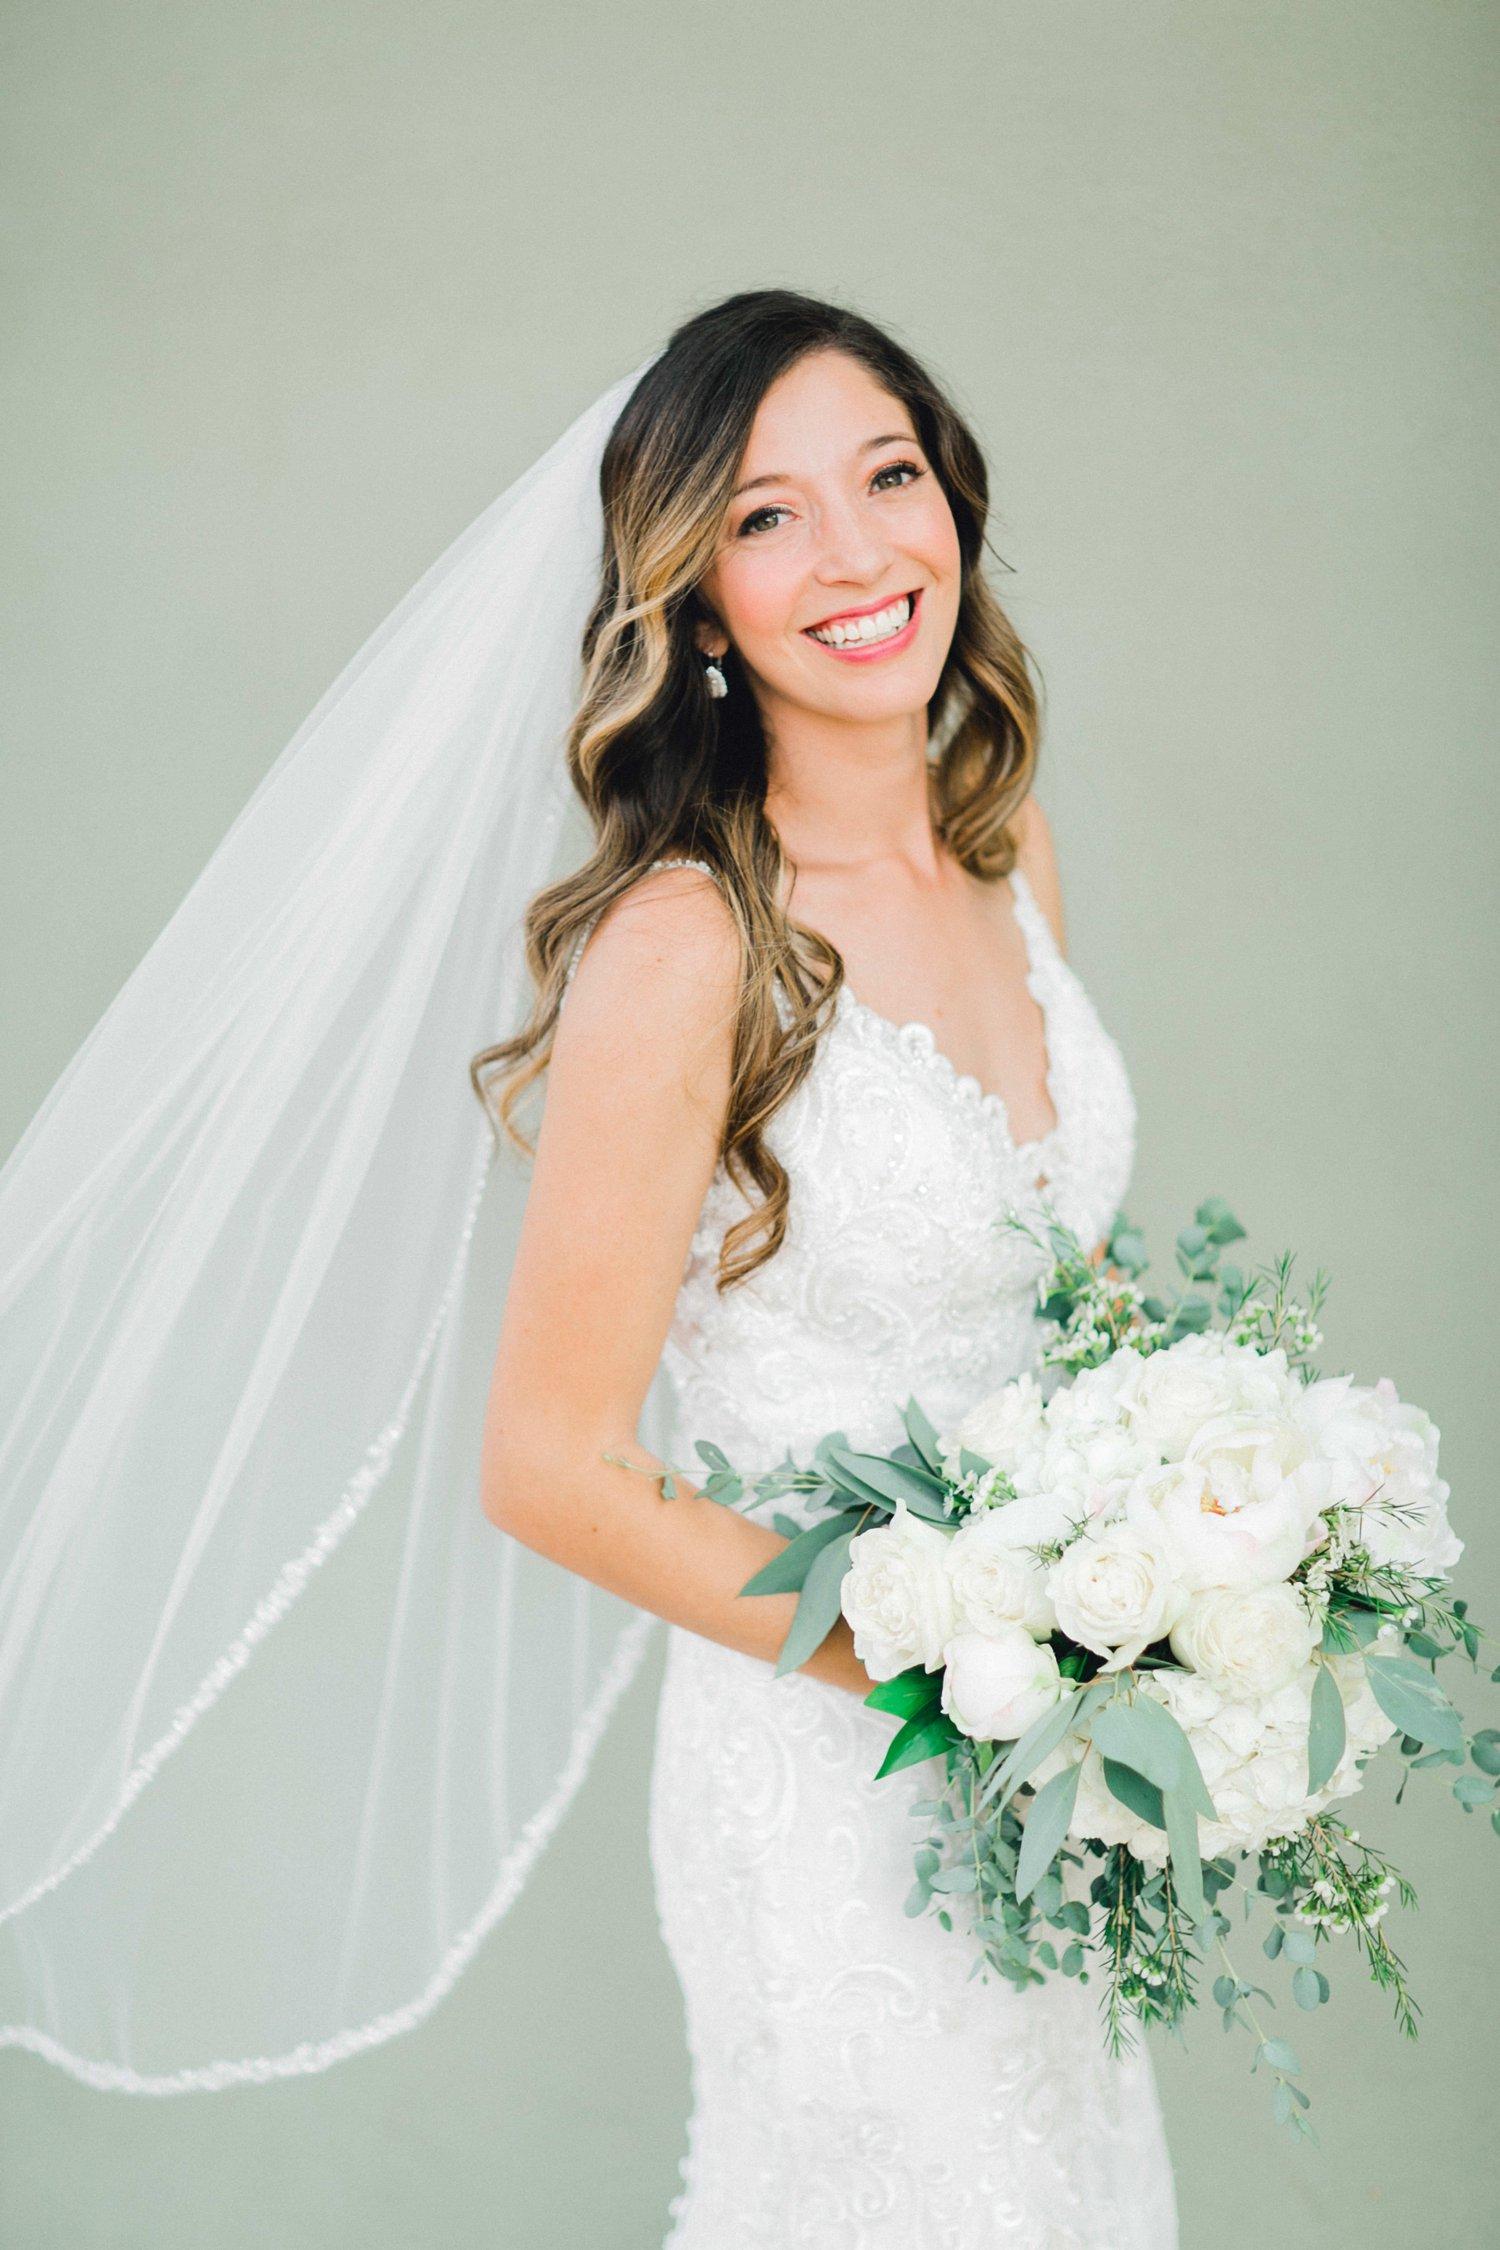 Ashley_Parr_Bridals_ALLEEJ_caprock_winery_romantic_elegant0008.jpg